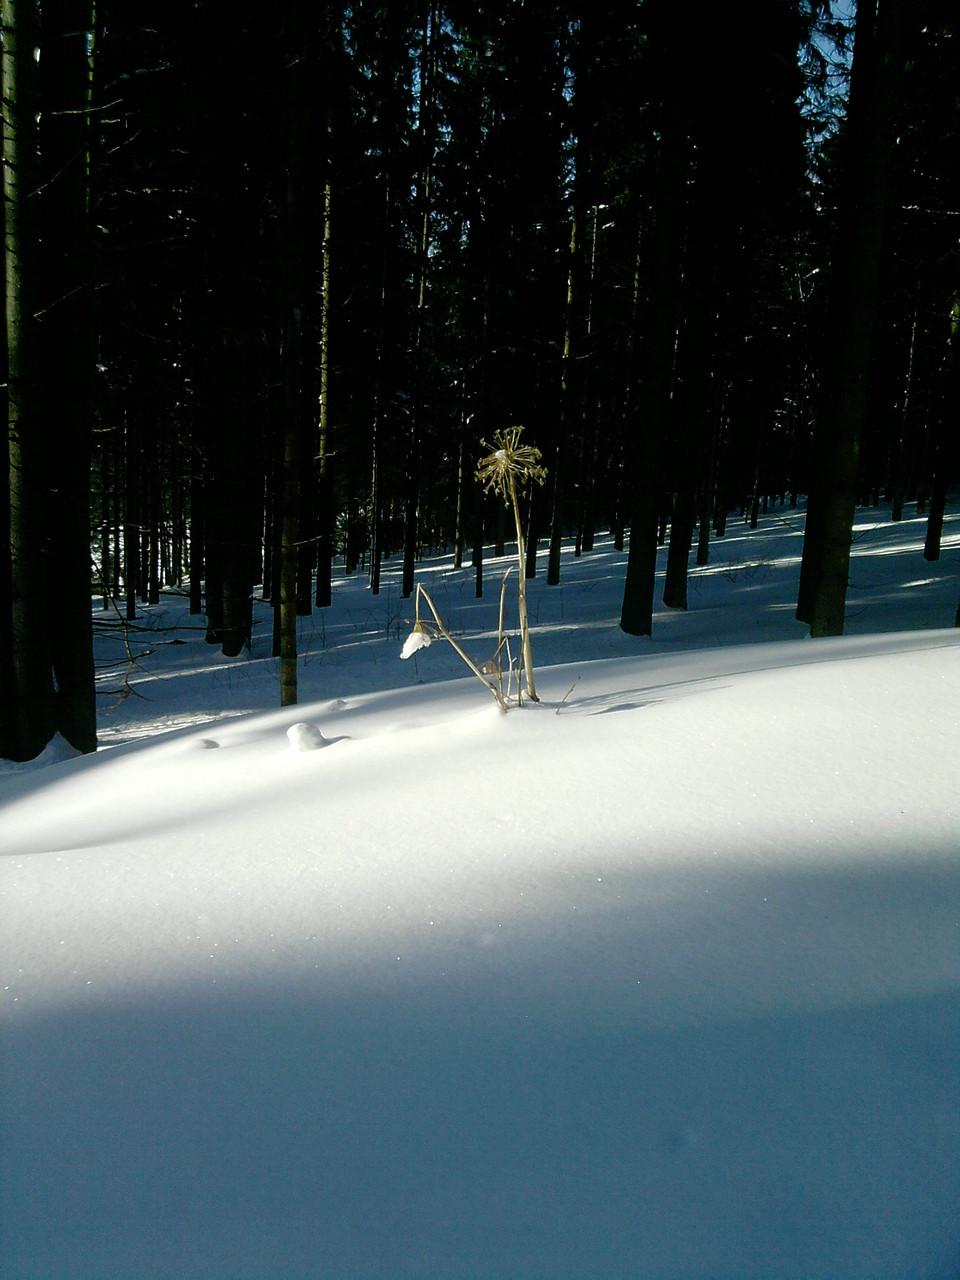 Inspirierende Spaziergänge in herrlicher Winterlandschaft in der Nähe unseres Hauses